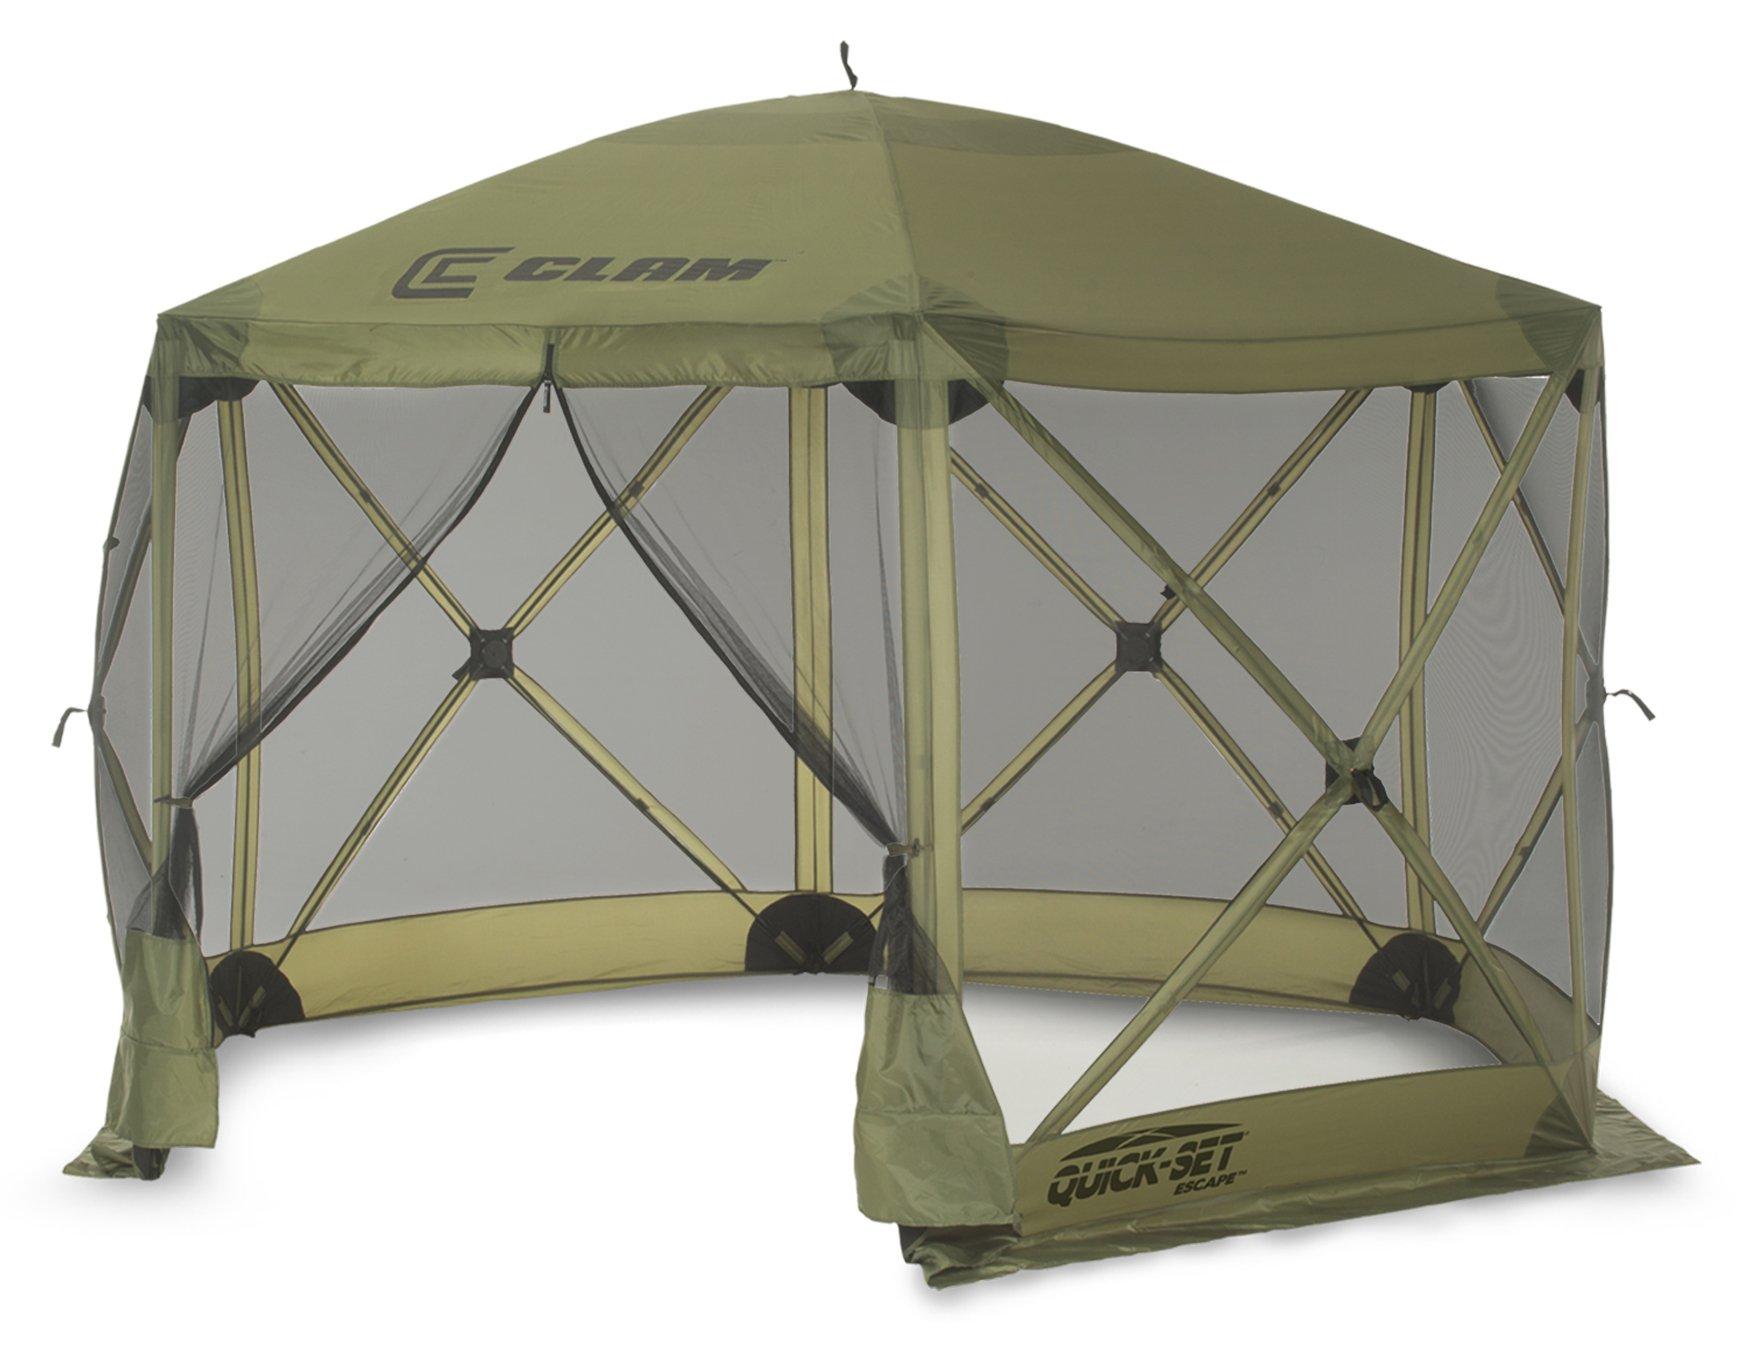 Quick Set 9281 Escape Shelter Popup Tent, 12 x 12 Green